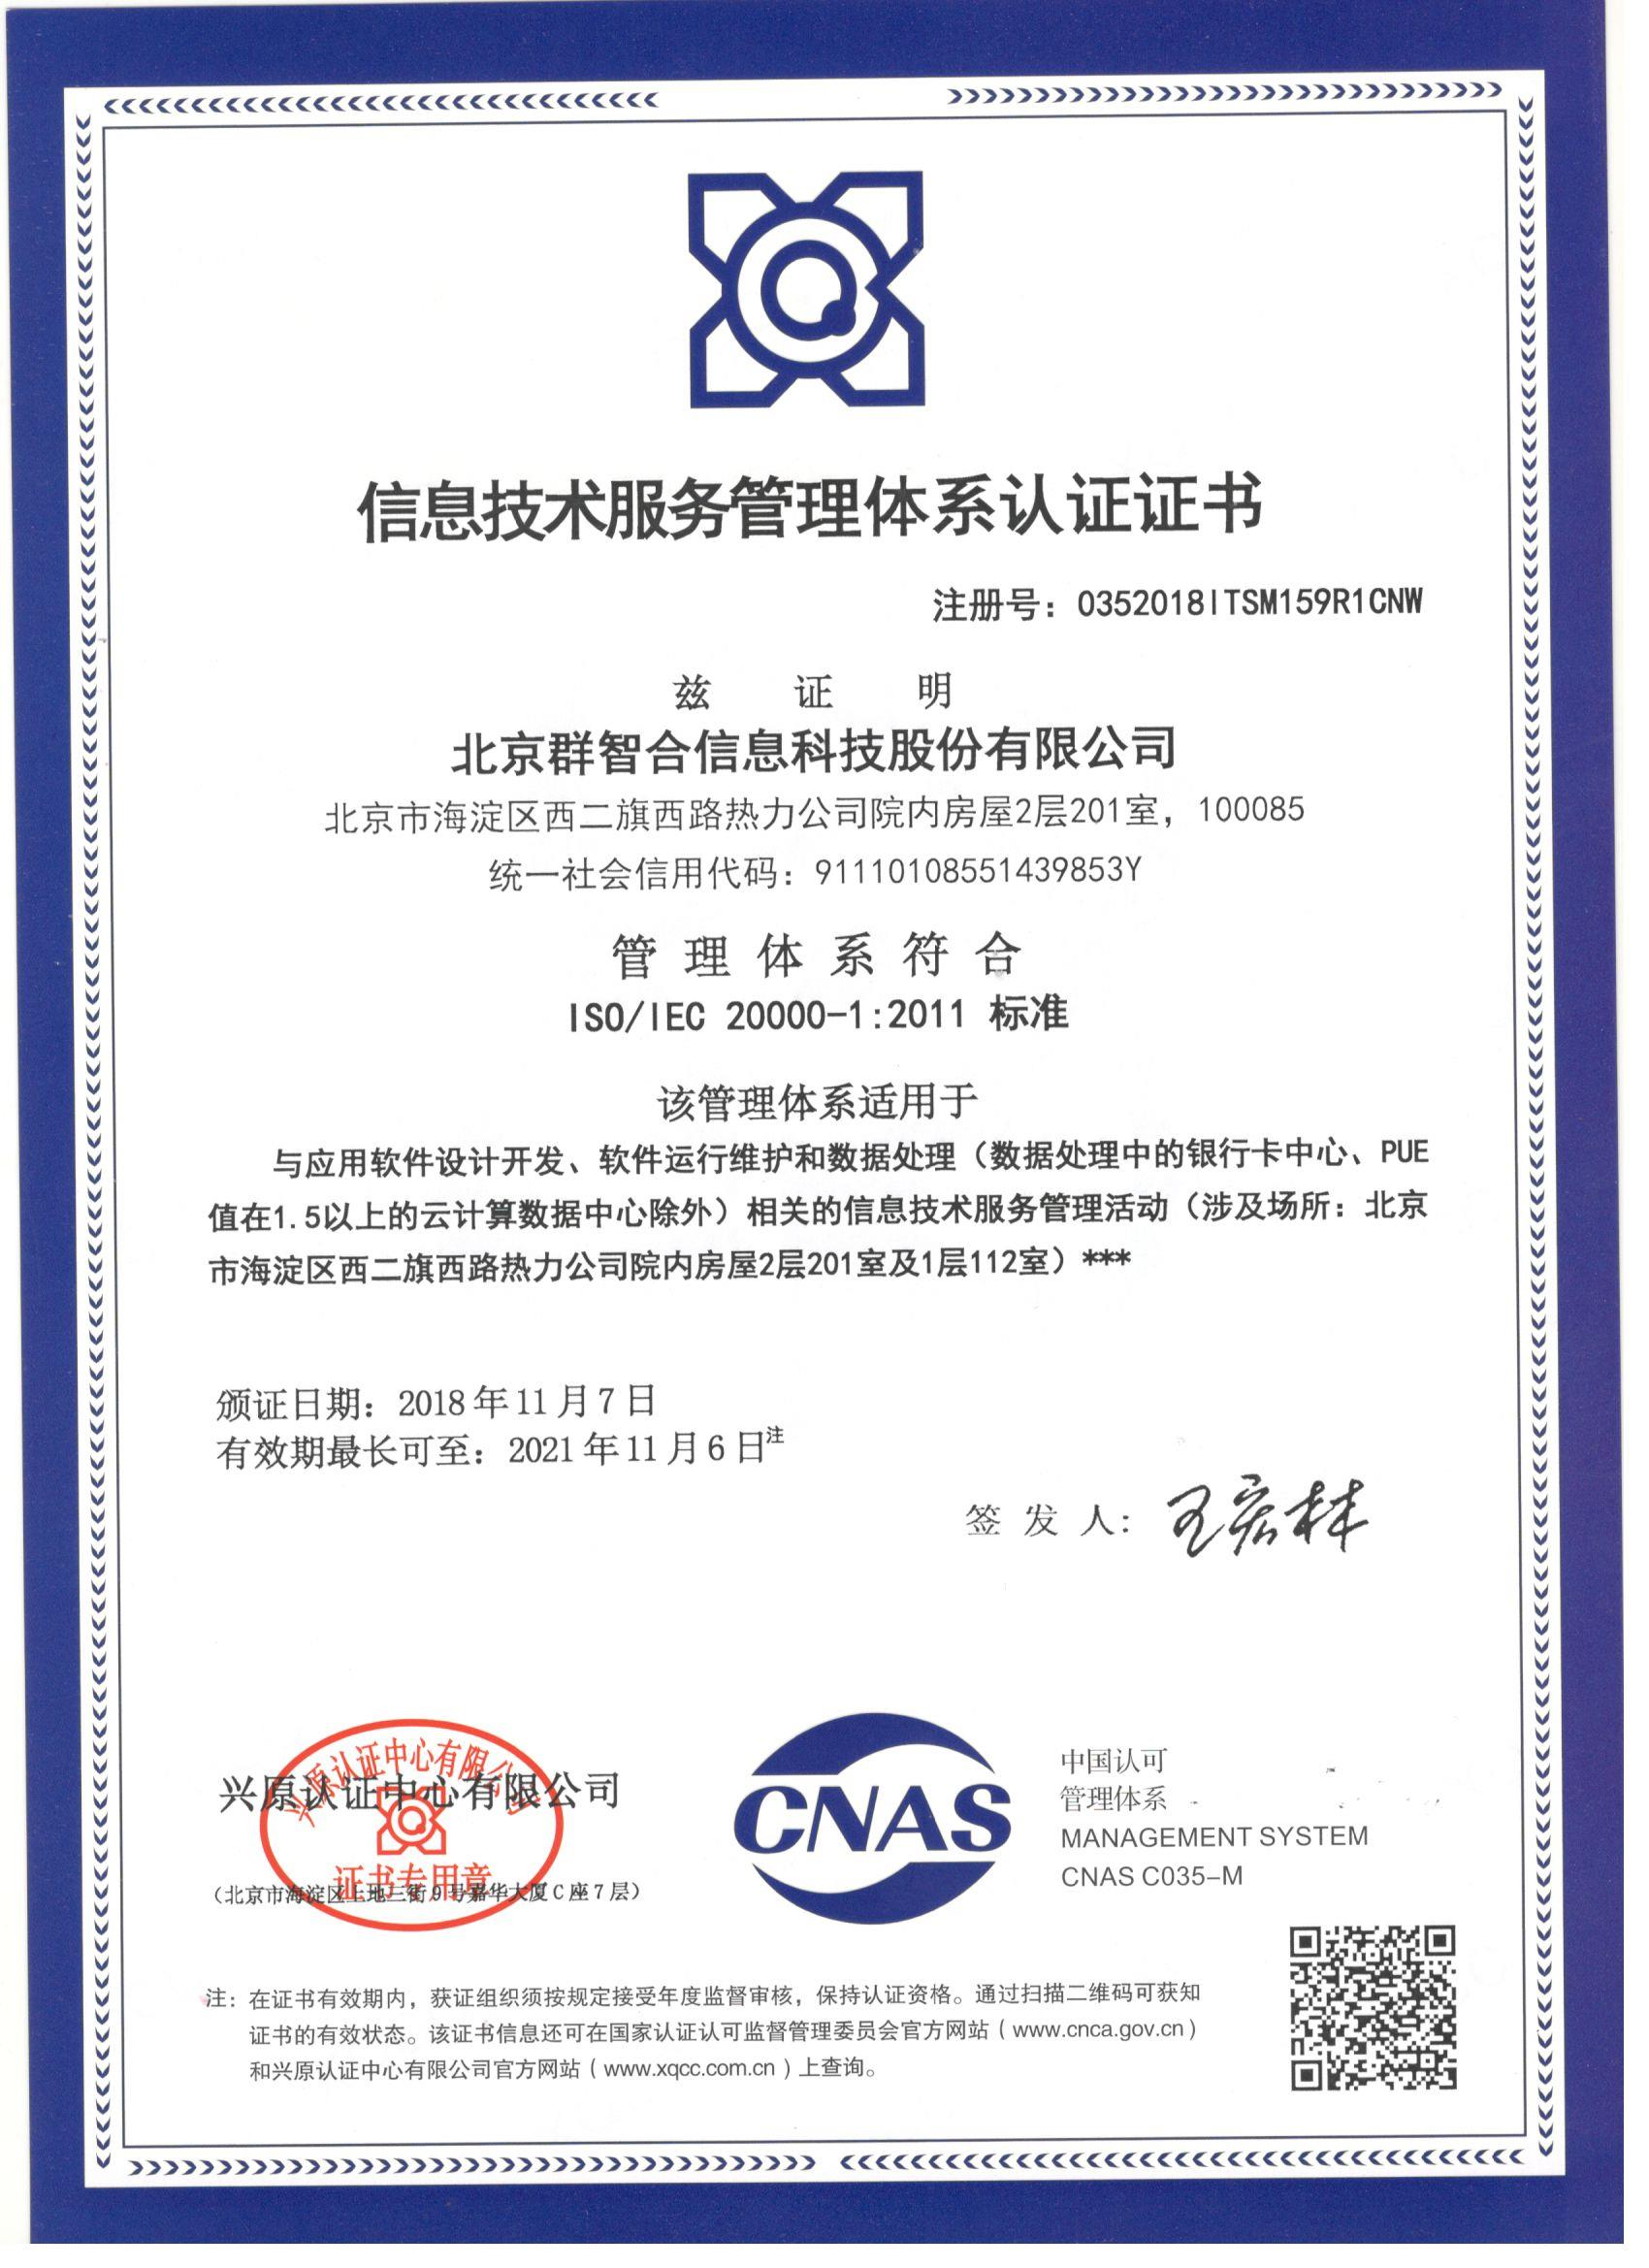 群智合中文ISO:20000-1:2011